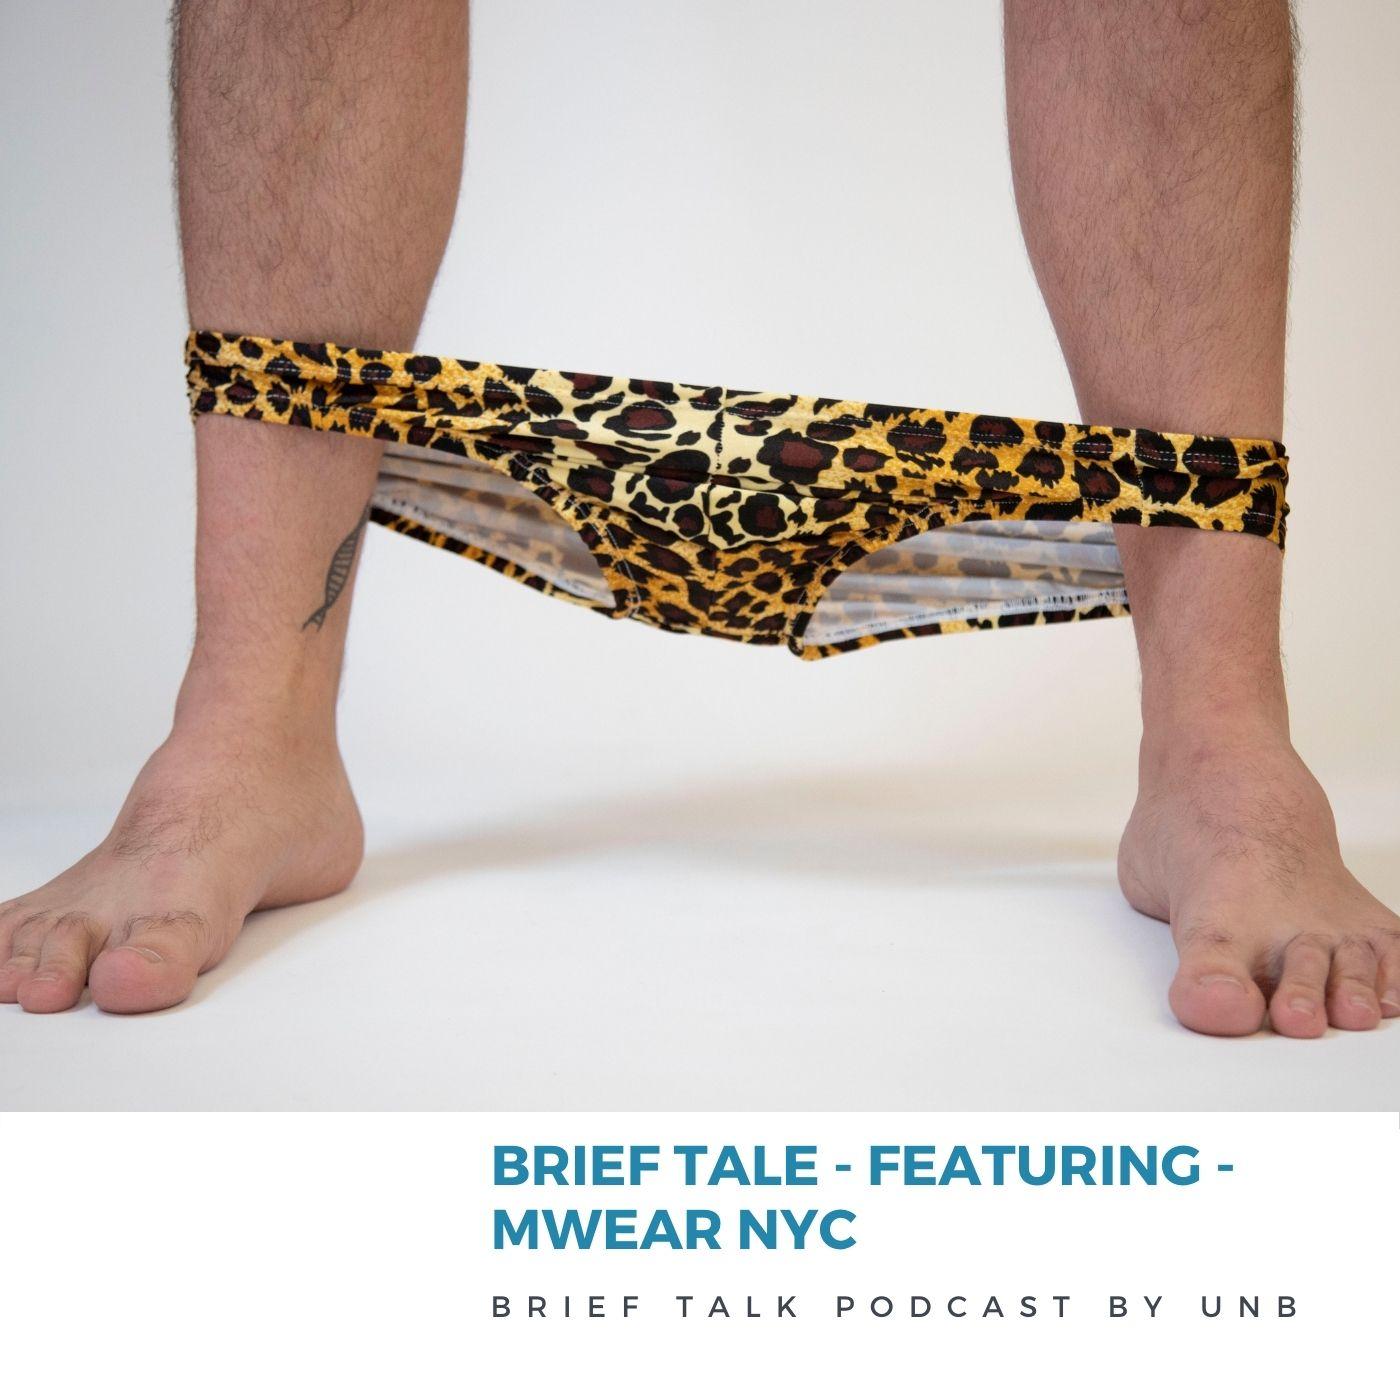 BRIEF TALE by Brief Talk: MWearNYC